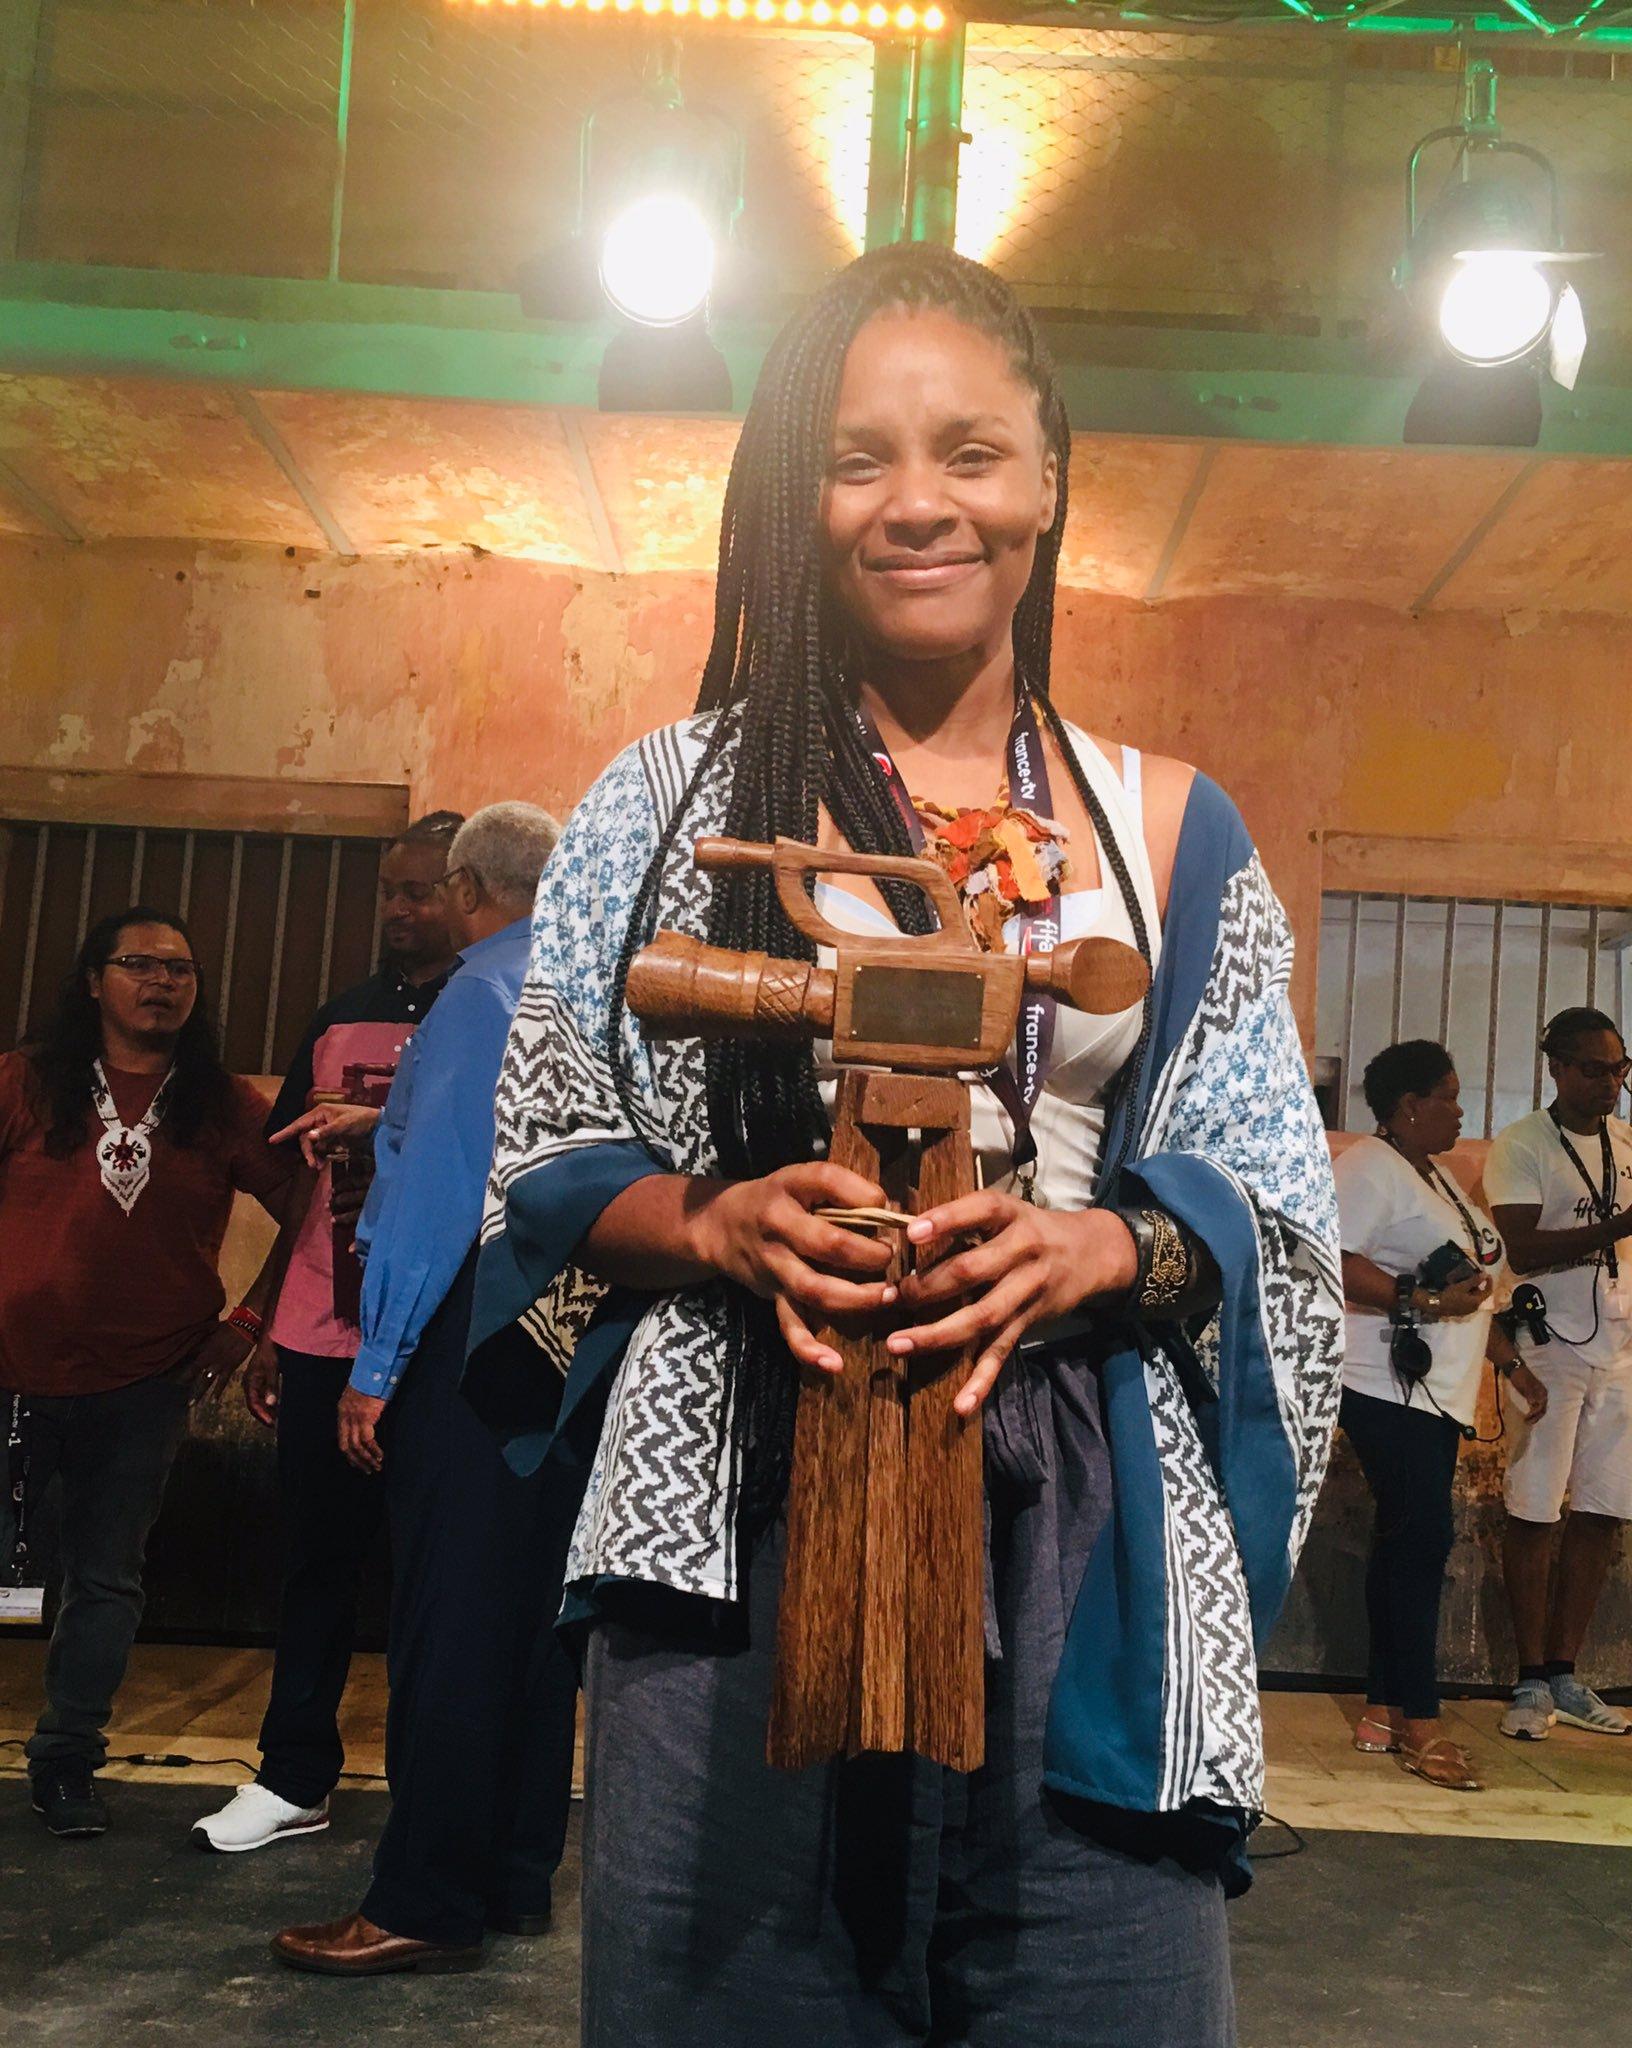 Gessica Généus à la première édition du Festival international du film documentaire Amazonie Caraïbes à Saint-Laurent du Maroni en Guyane (FIFAC). Photo: Guyane la 1ère/ Twitter